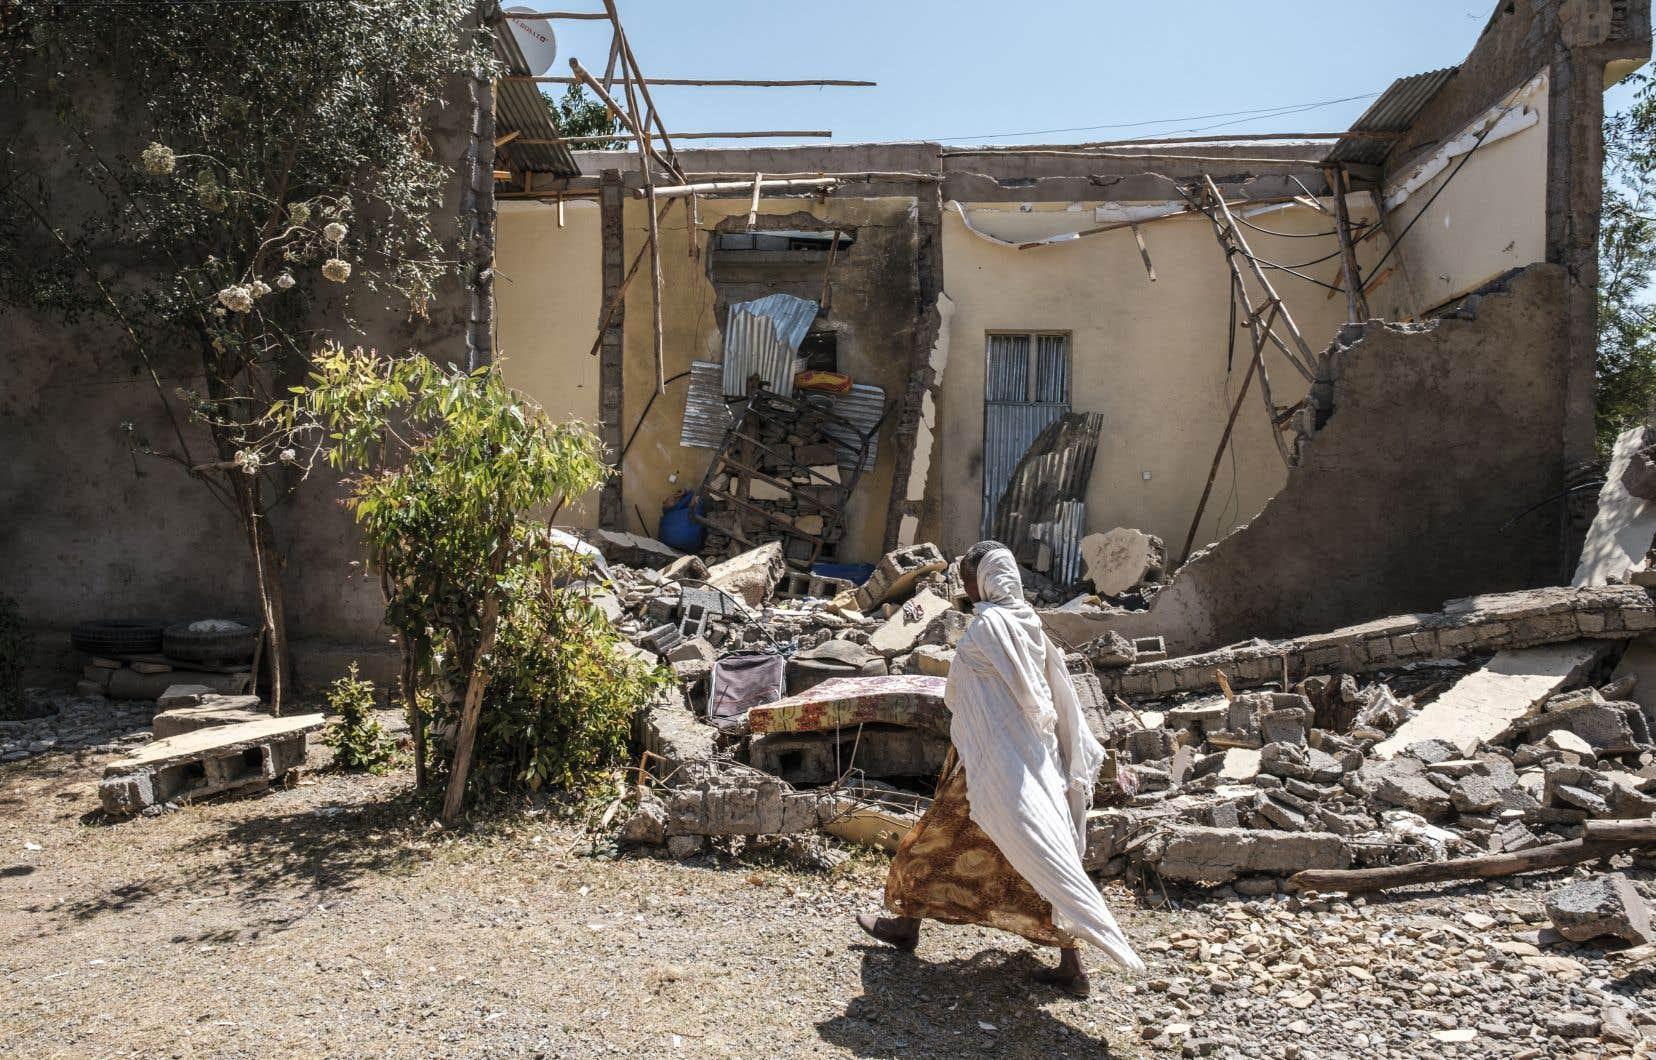 La situation actuelle au Tigré est «horrible», avec de nombreuses personnes qui meurent de faim et des viols qui se multiplient, avait dénoncé le directeur général de l'Organisation mondiale de la santé (OMS), Tedros Adhanom Ghebreyesus, lui-même originaire de cette région.